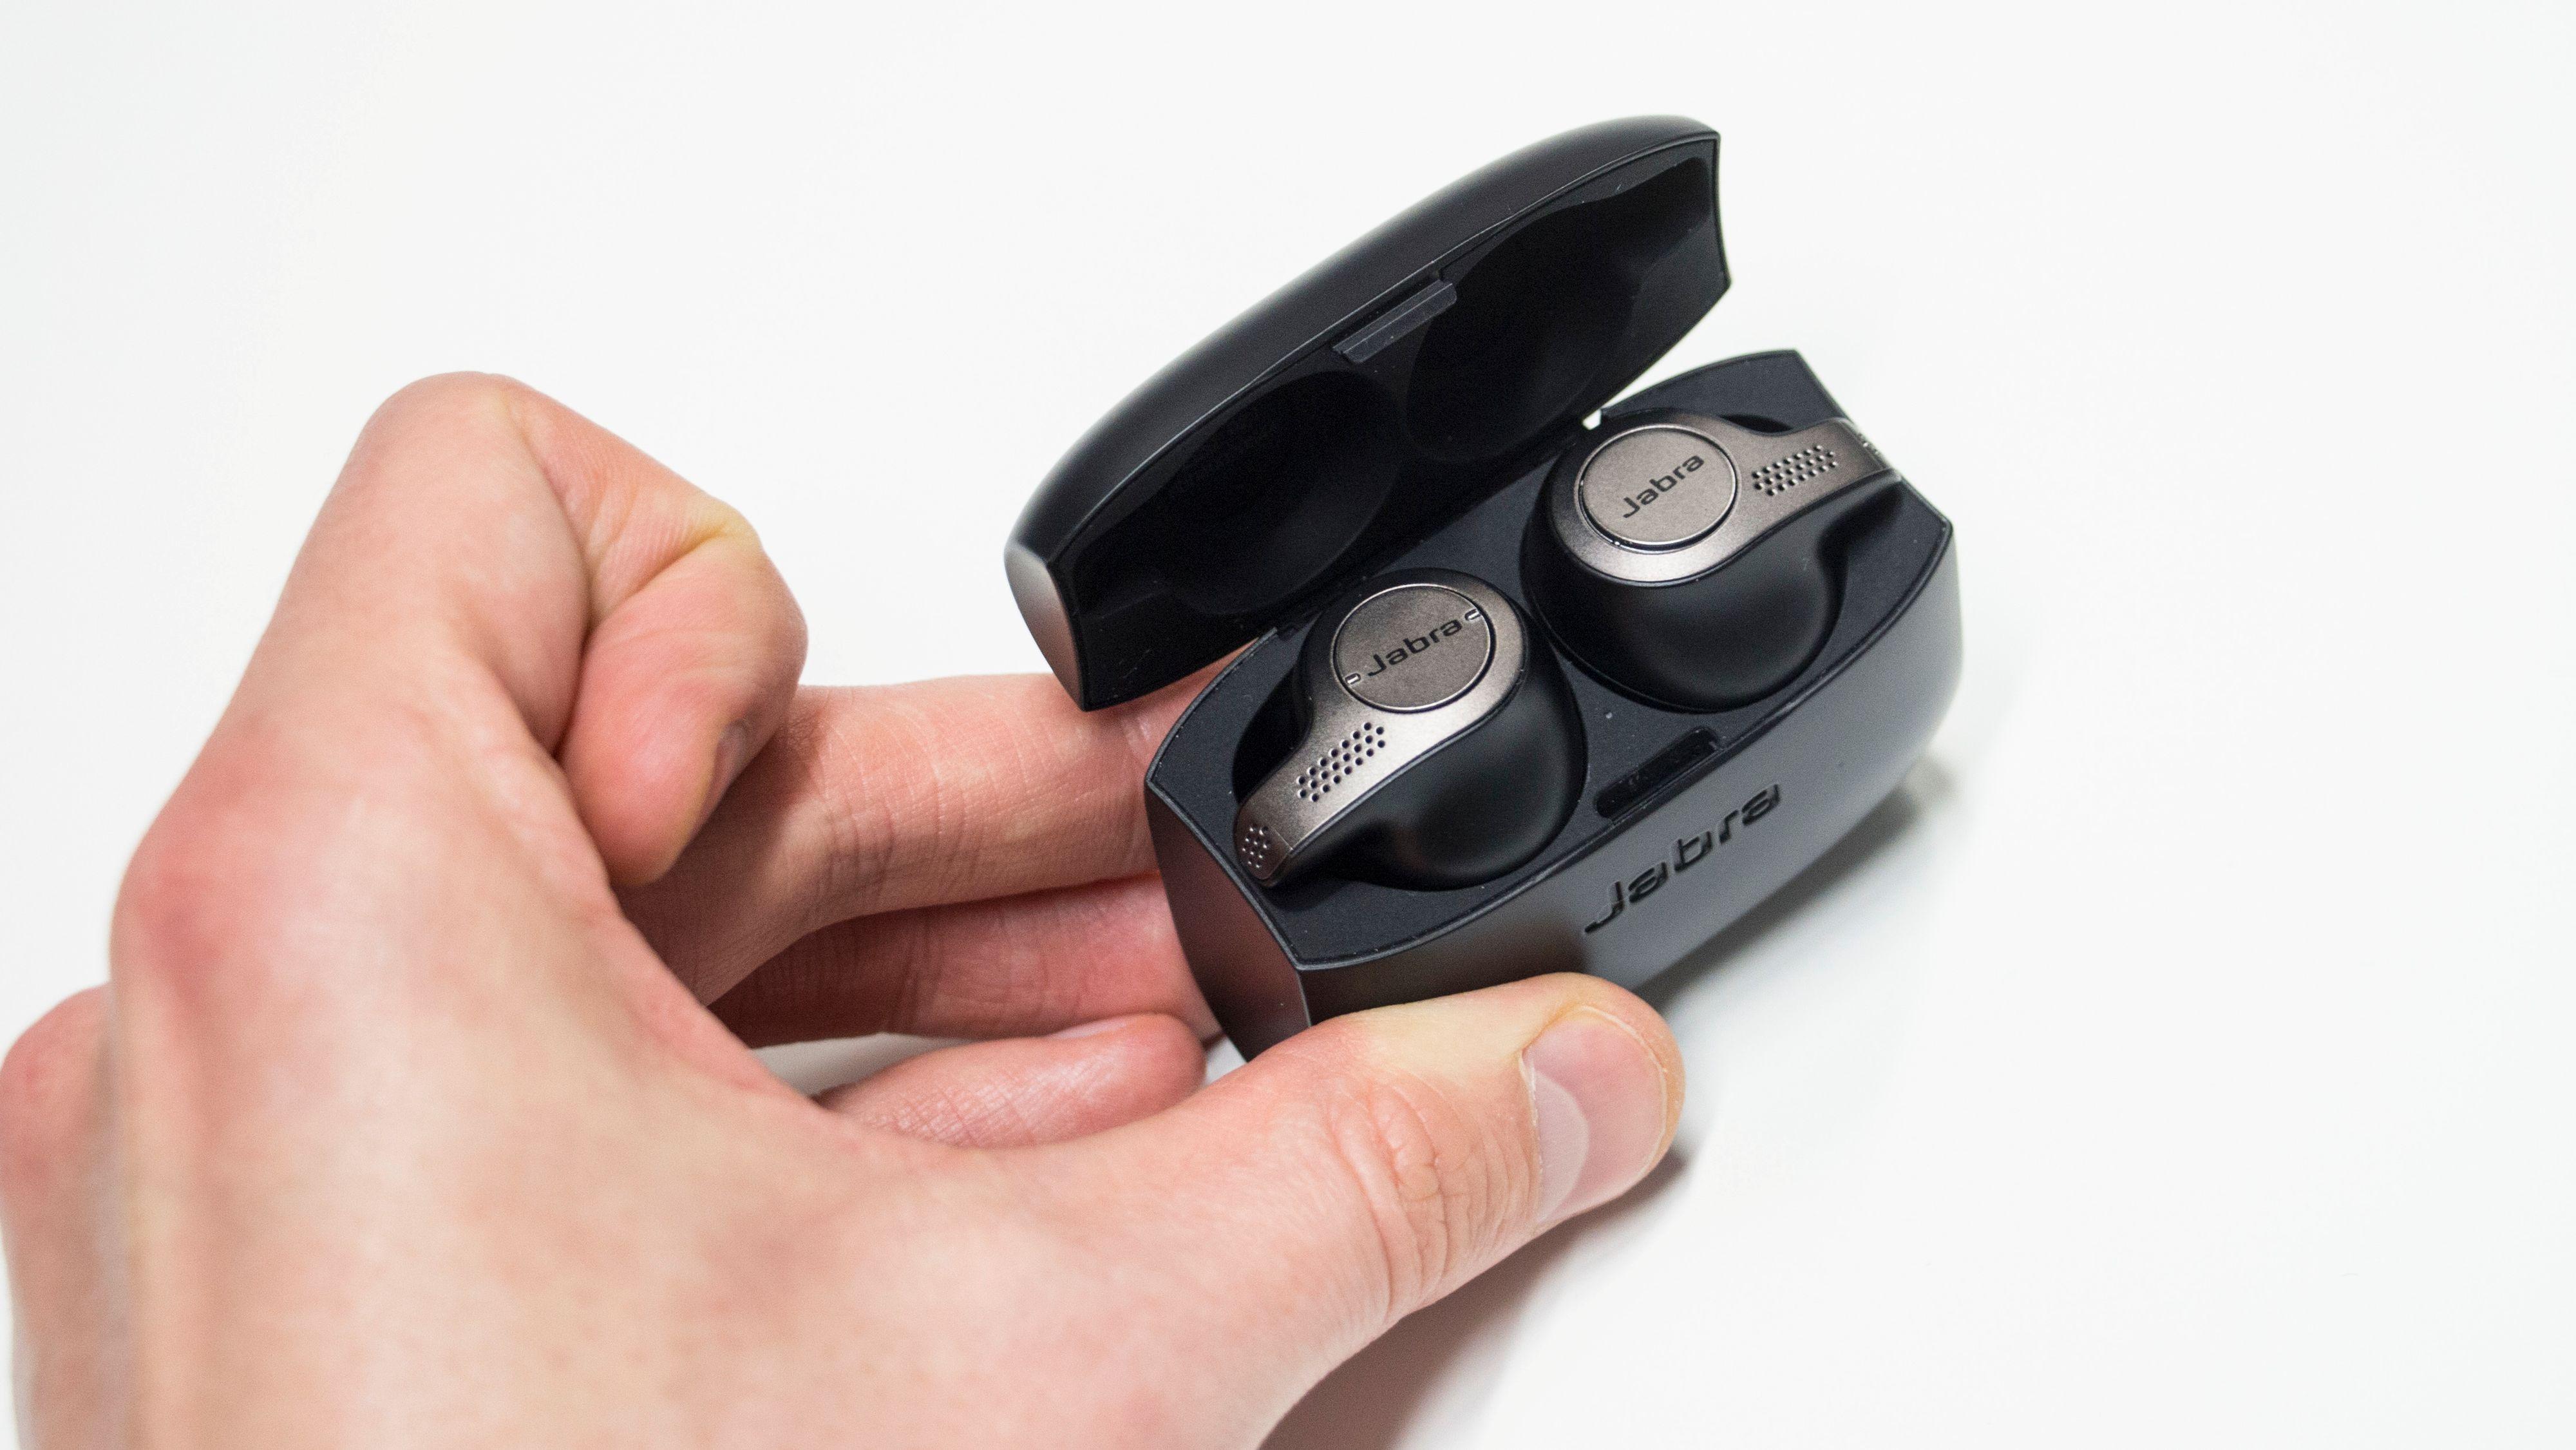 Ørepluggene klikker lett på plass i etuiet, der de kan lades til fullt to ekstra ganger.